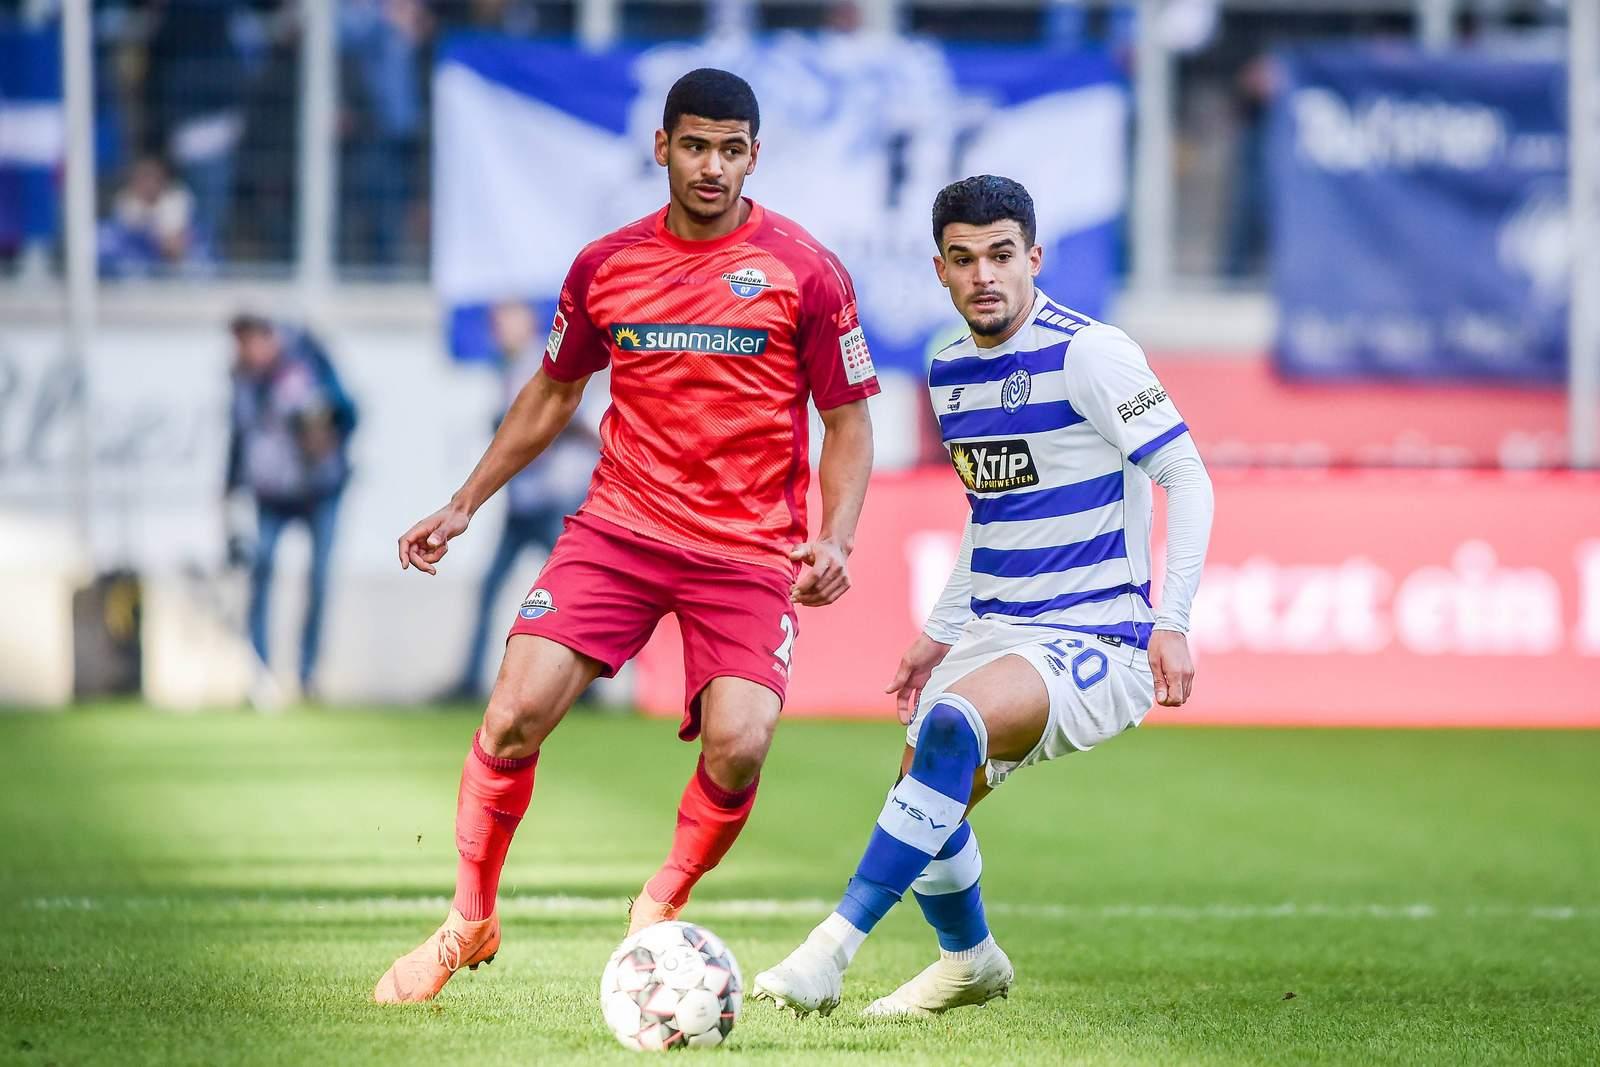 Setzt sich Cauly gegen Dräger durch? Jetzt auf MSV Duisburg gegen Paderborn wetten